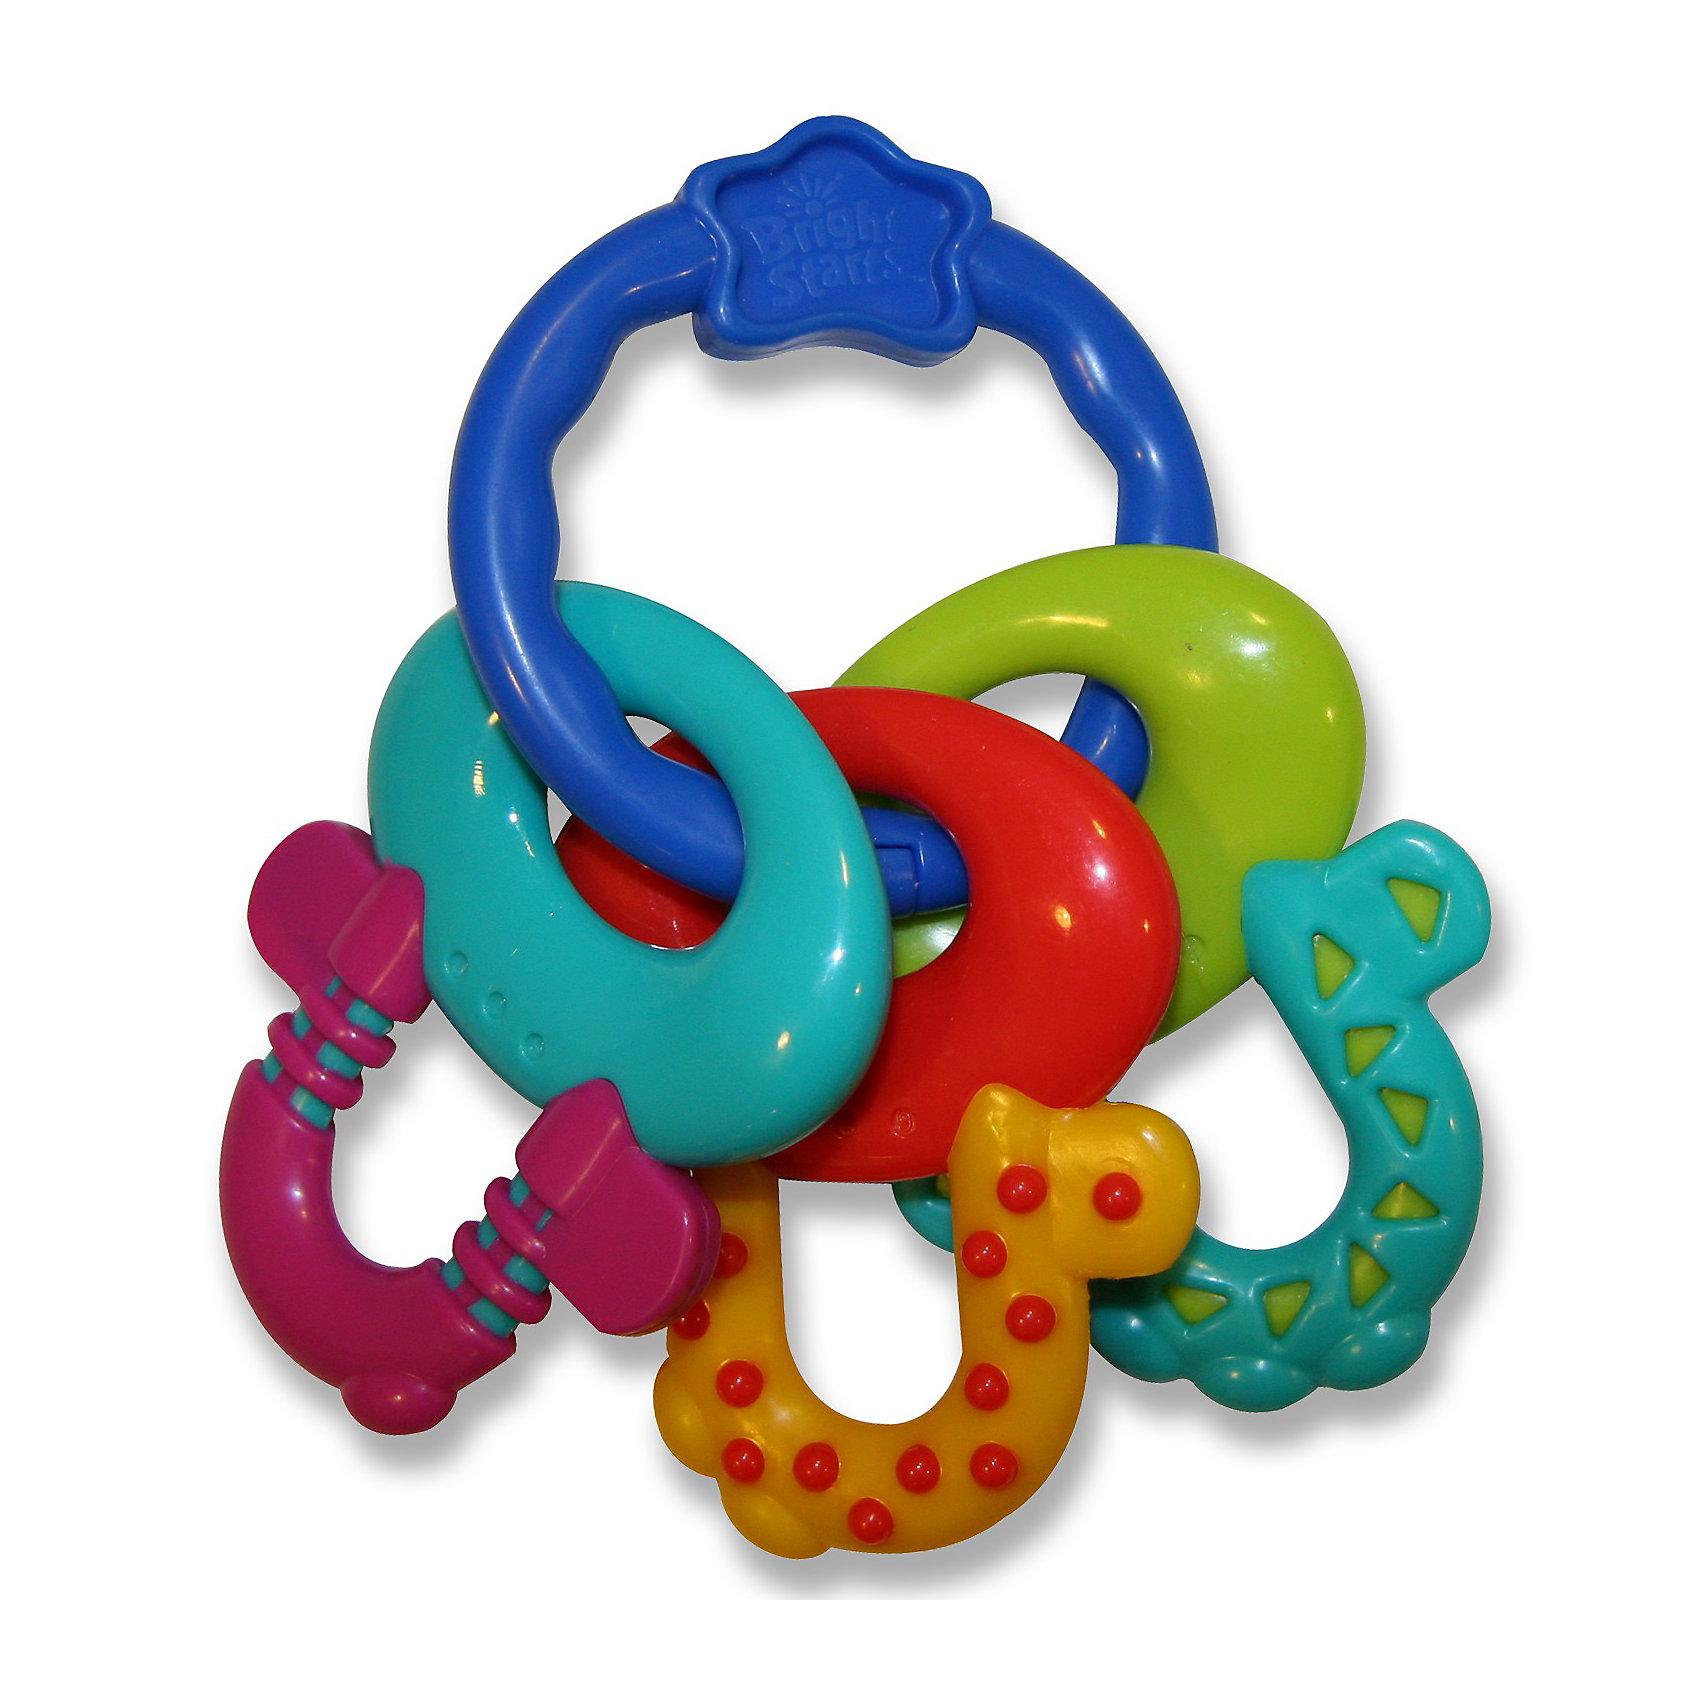 Развивающая игрушка-прорезыватель Ключи для улыбки Bright Starts